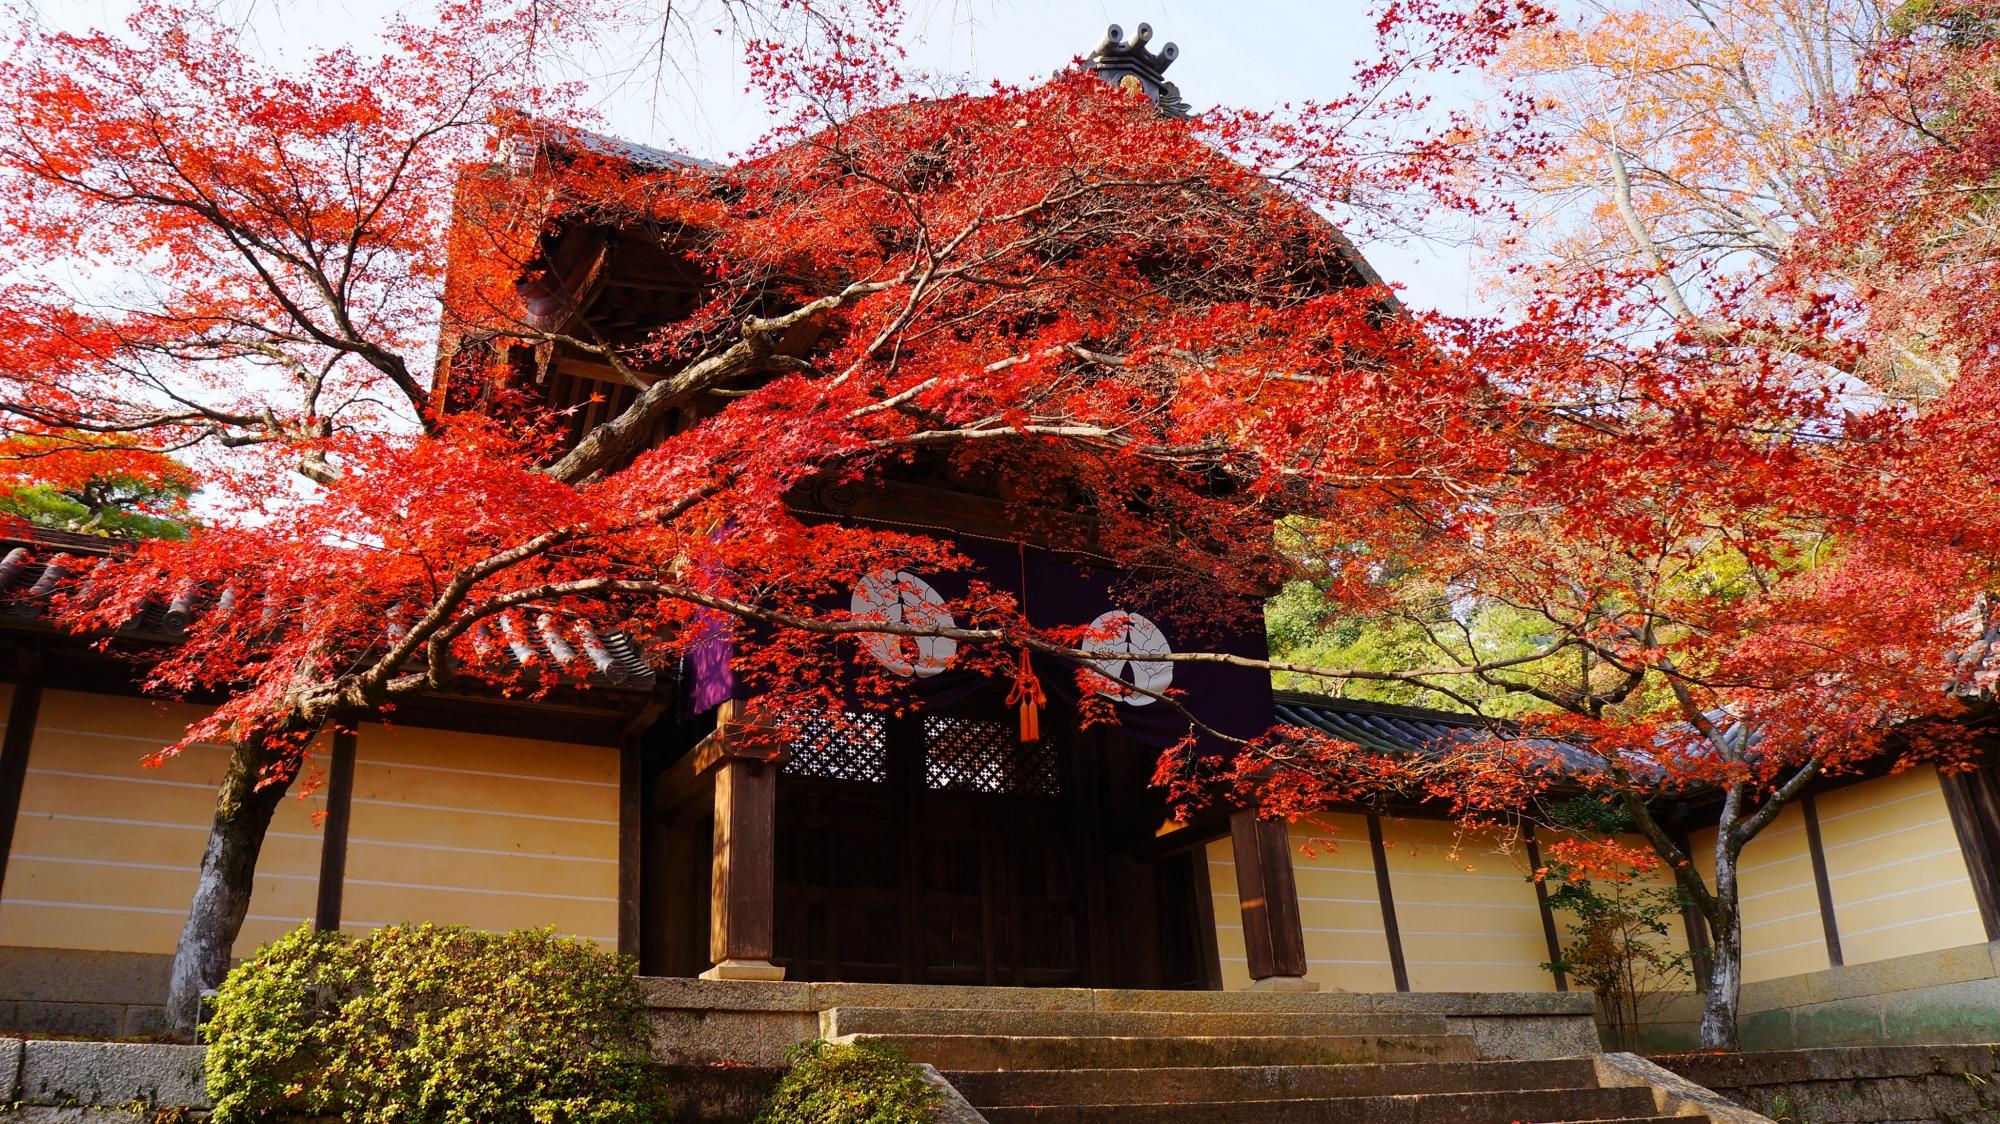 見事な秋色の空間に凛として佇む勅使門